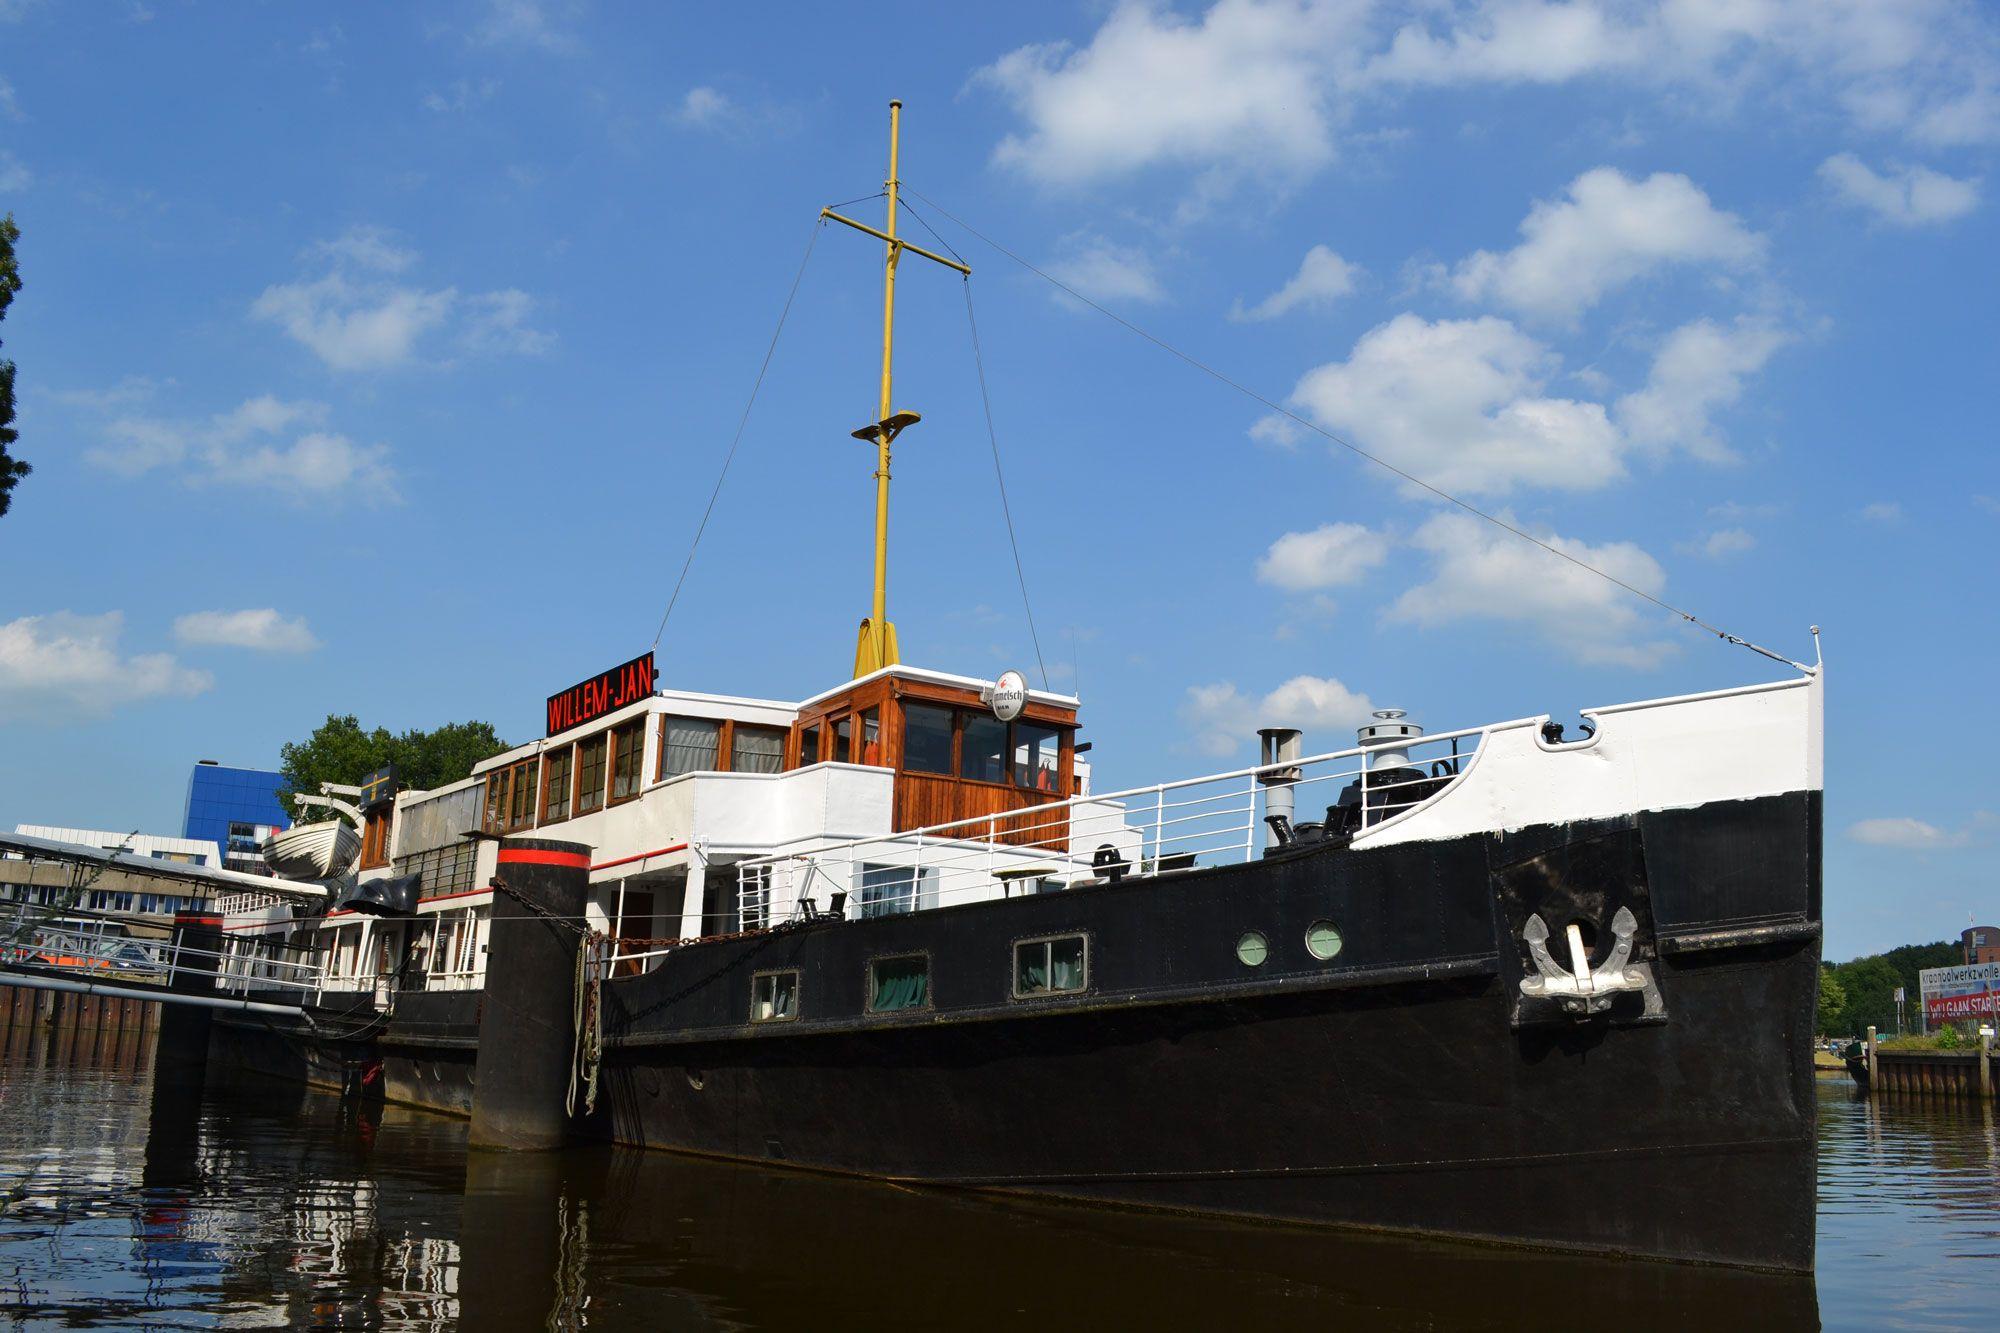 De voormalige Oosterschelde uit 1933 is nog vrij authentiek. (Beeldbank SCEZ)